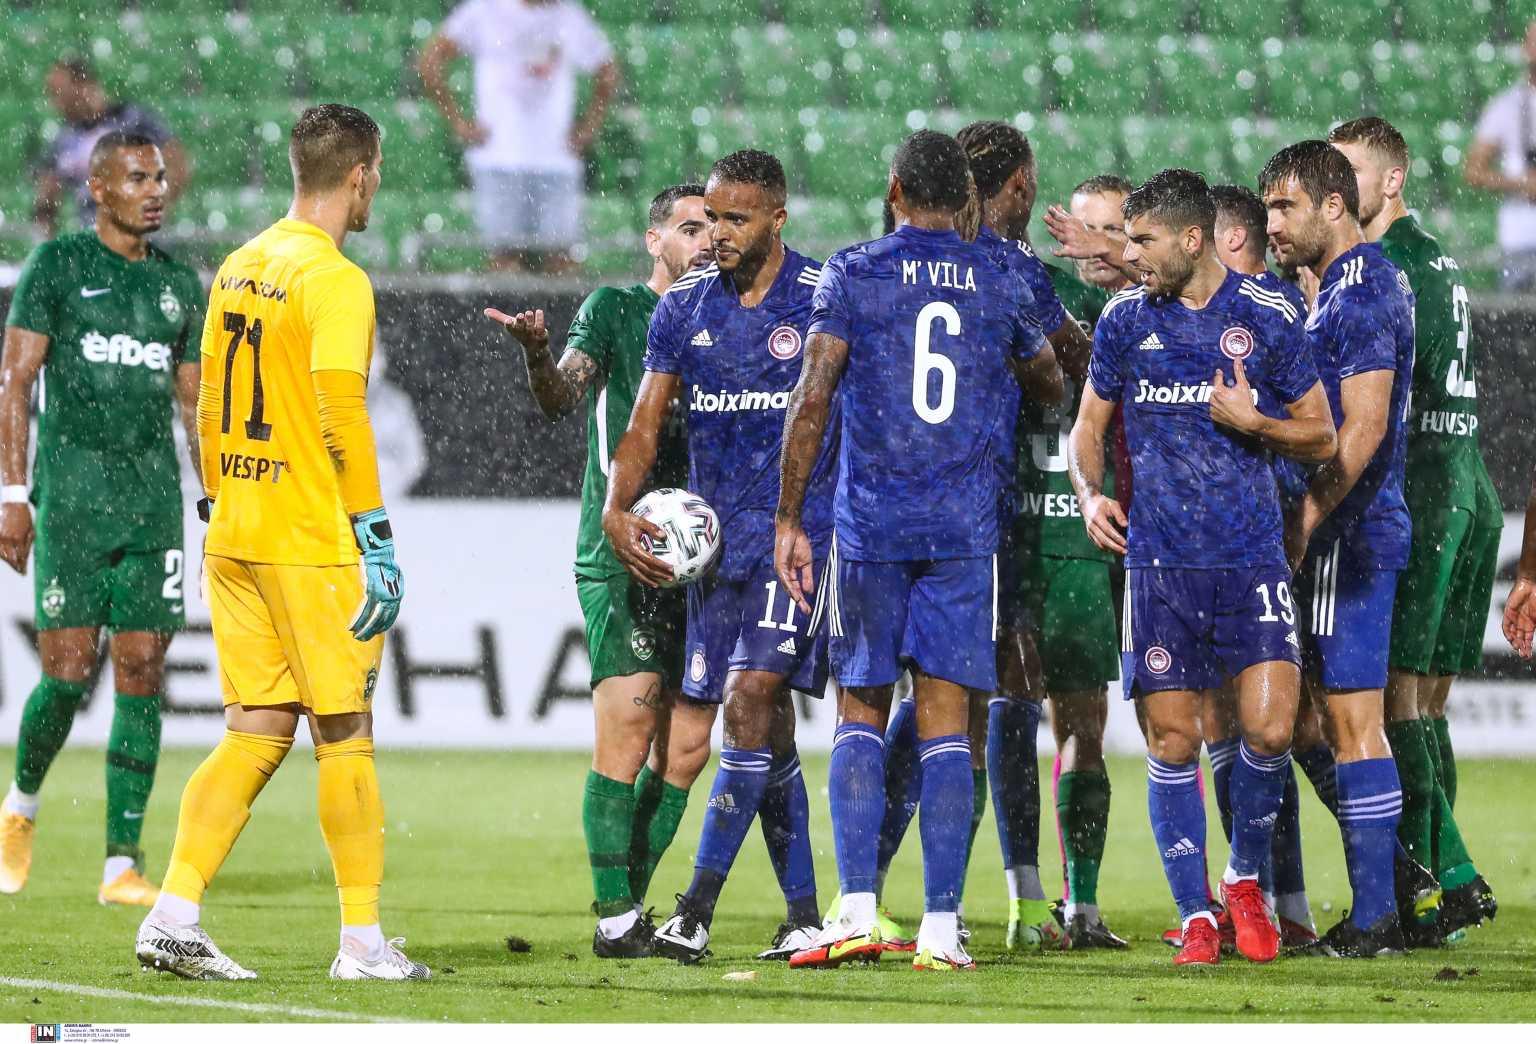 Λουντογκόρετς – Ολυμπιακός 2-2 και 4-1 ΤΕΛΙΚΟ: Αποκλείστηκαν στα πέναλτι οι Πειραιώτες!